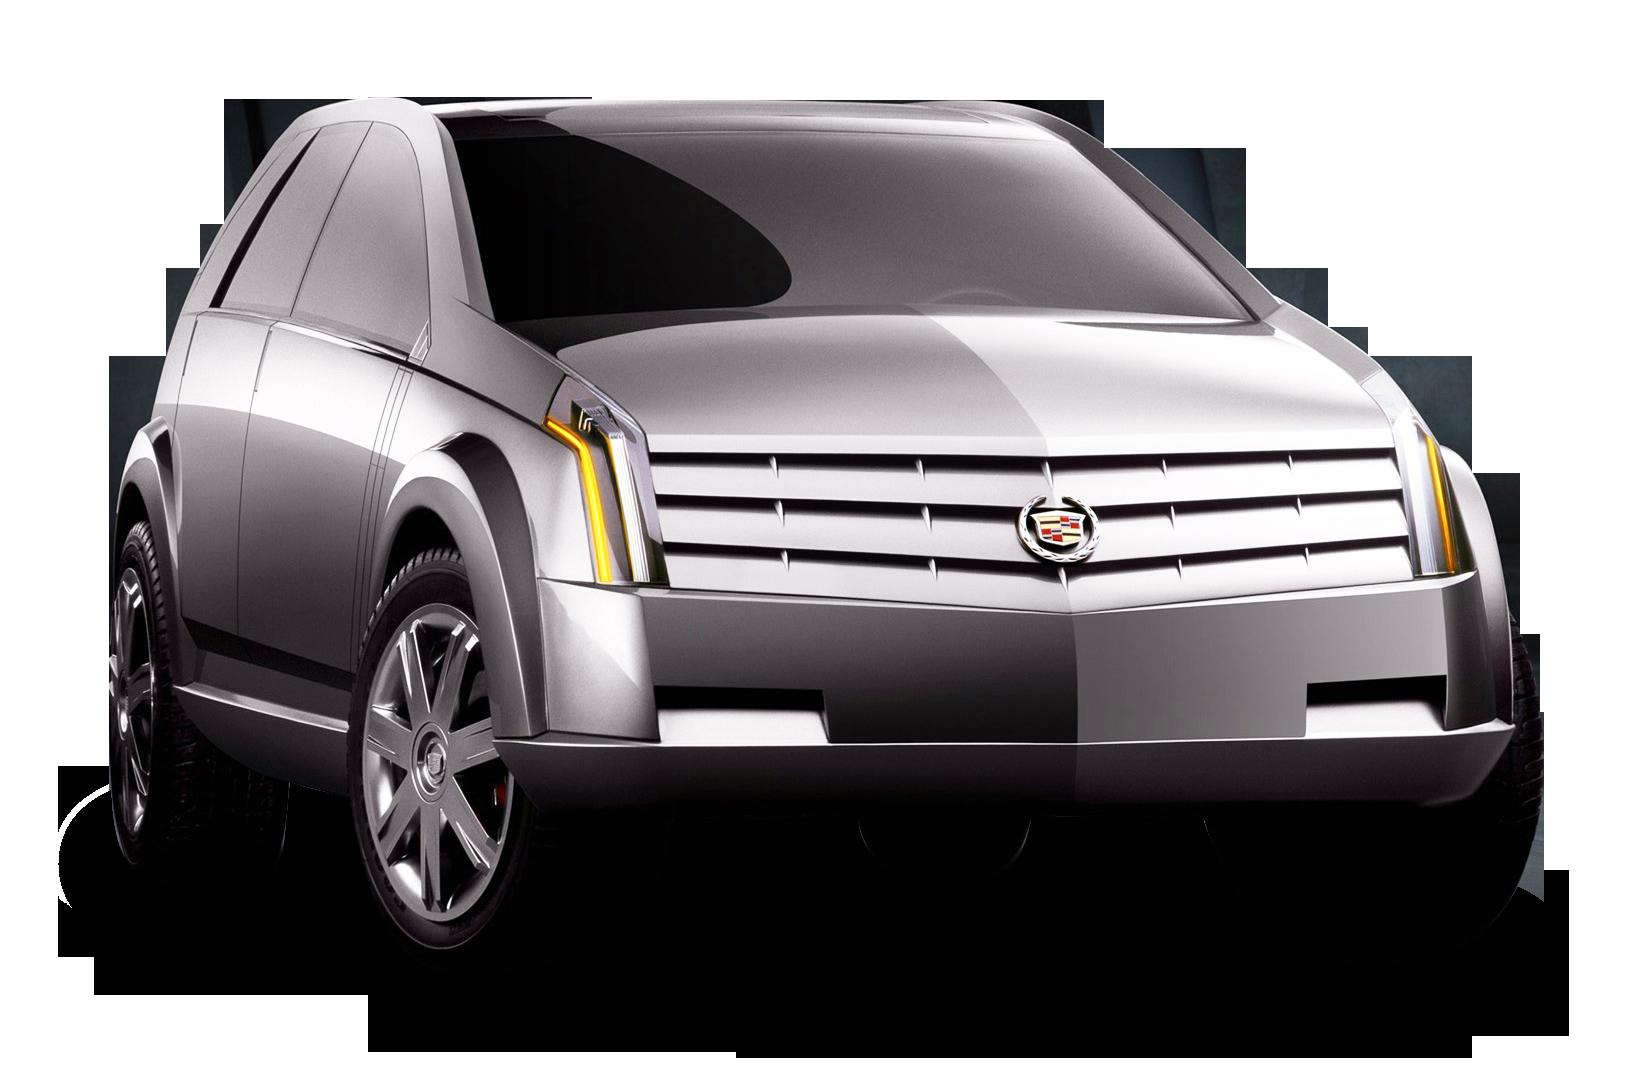 Cadillac Vizon Grey Car PNG Image